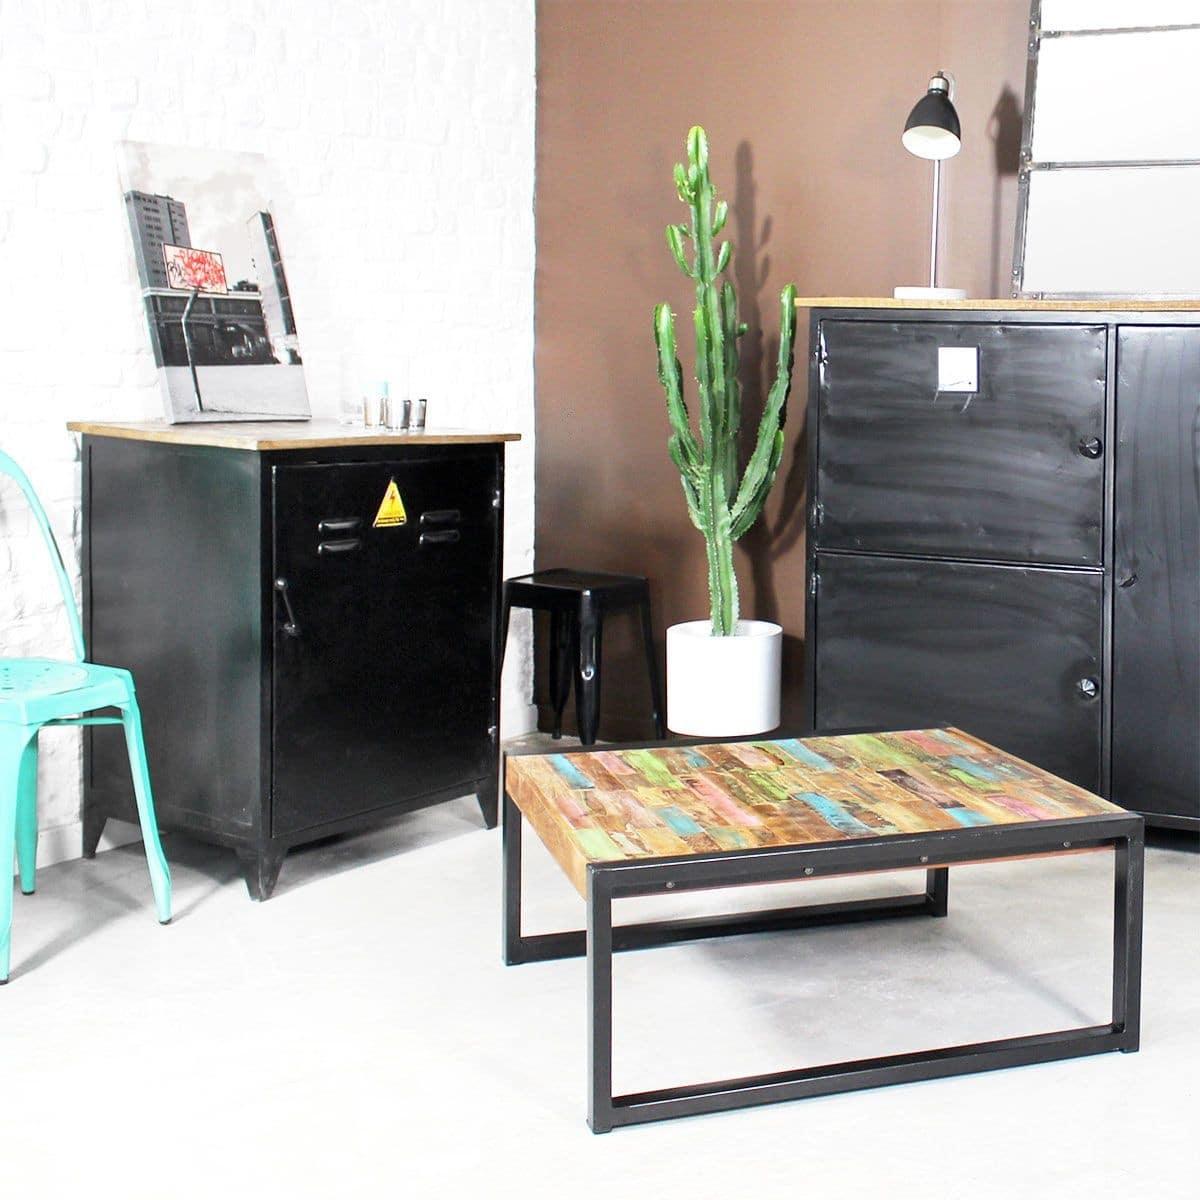 table basse industrielle 50 mod les fous et surprenants 2018. Black Bedroom Furniture Sets. Home Design Ideas